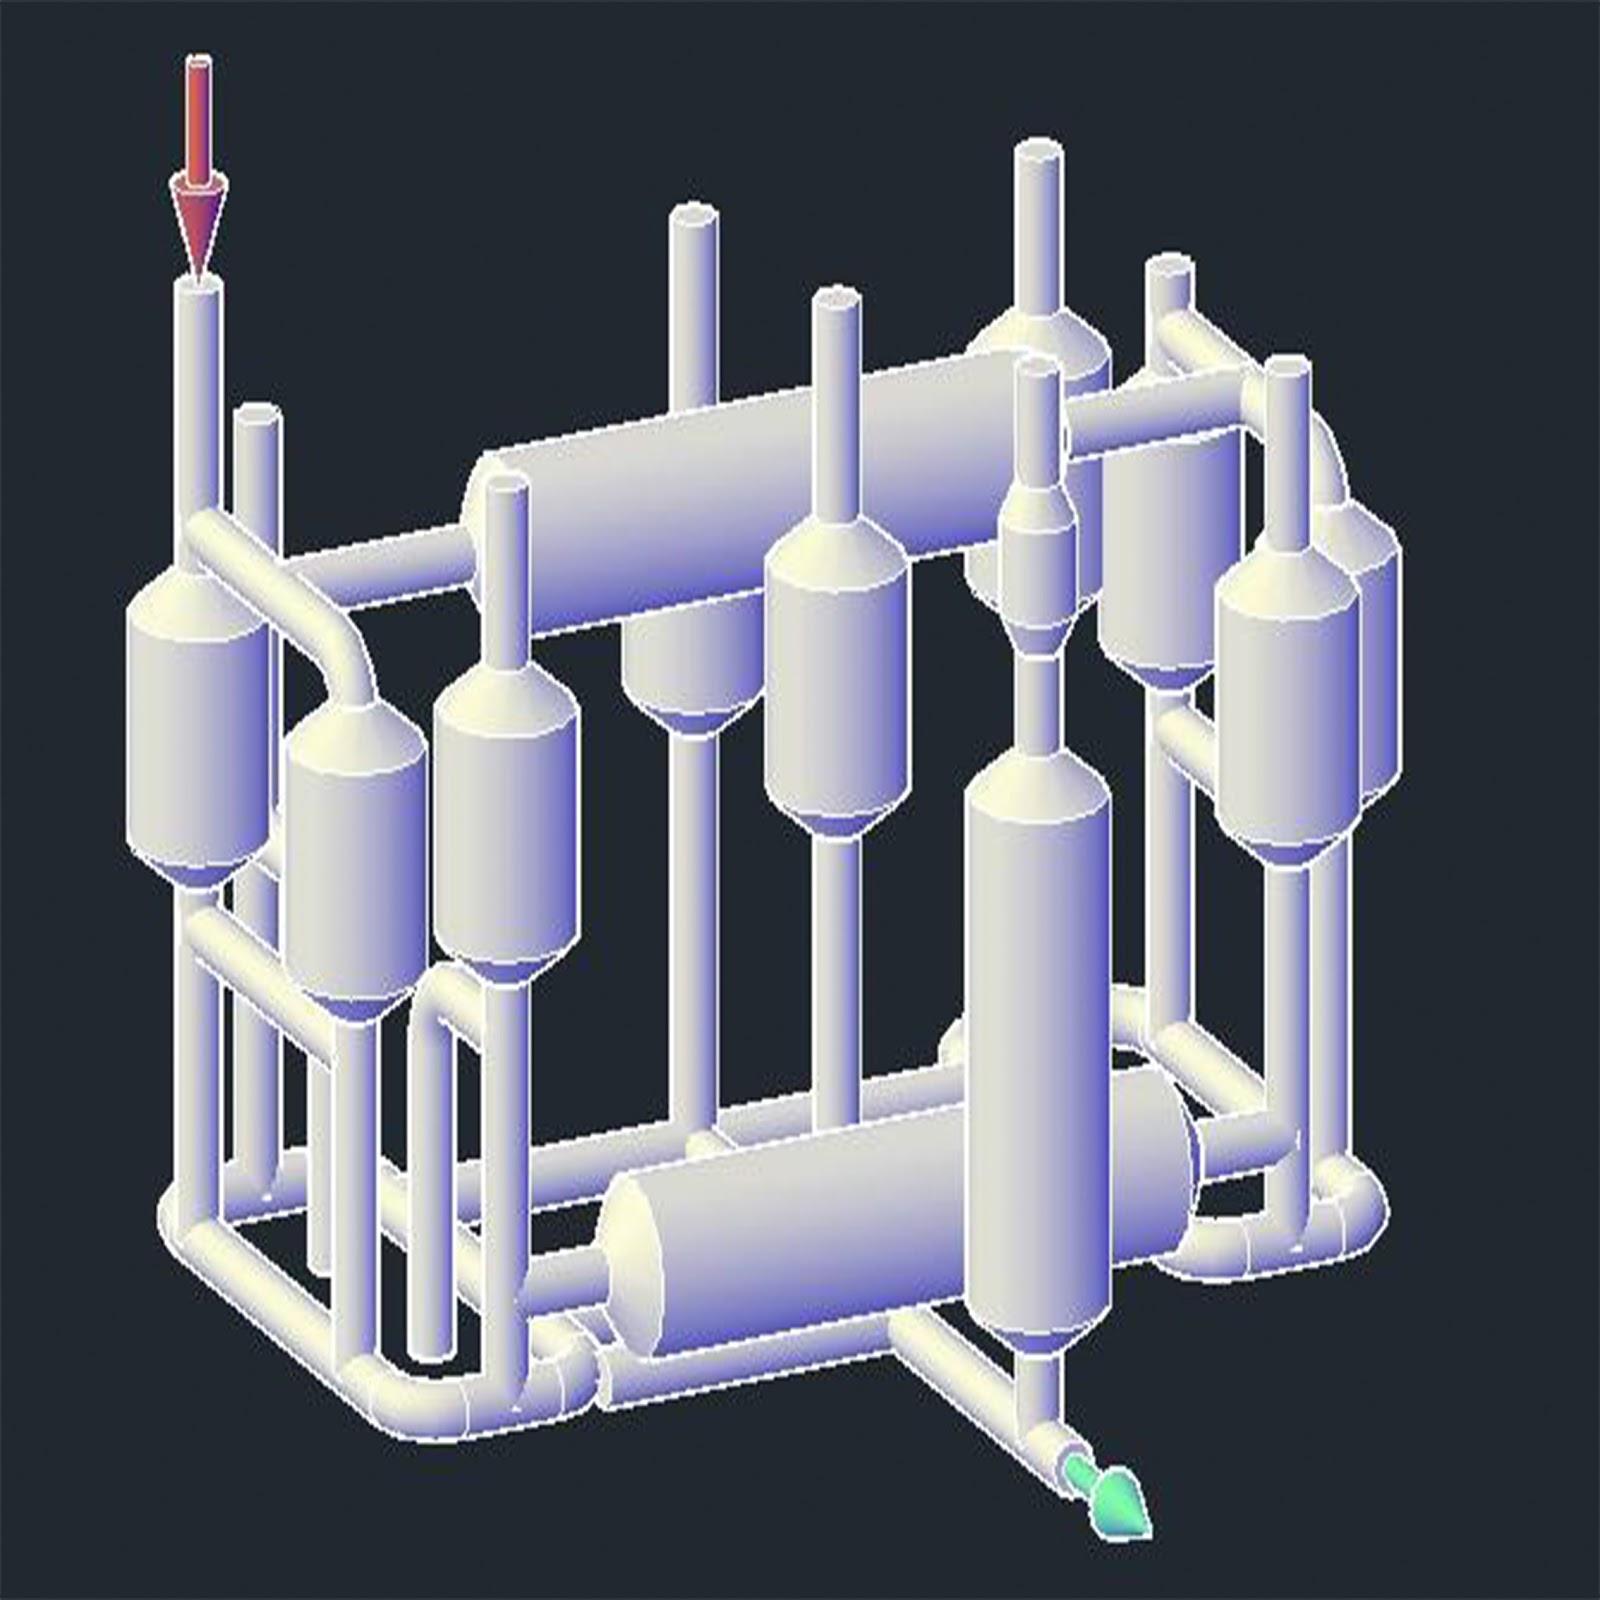 Giới thiệu quy trình xử lý nước ngầm hiện đại và hiệu quả hiện nay